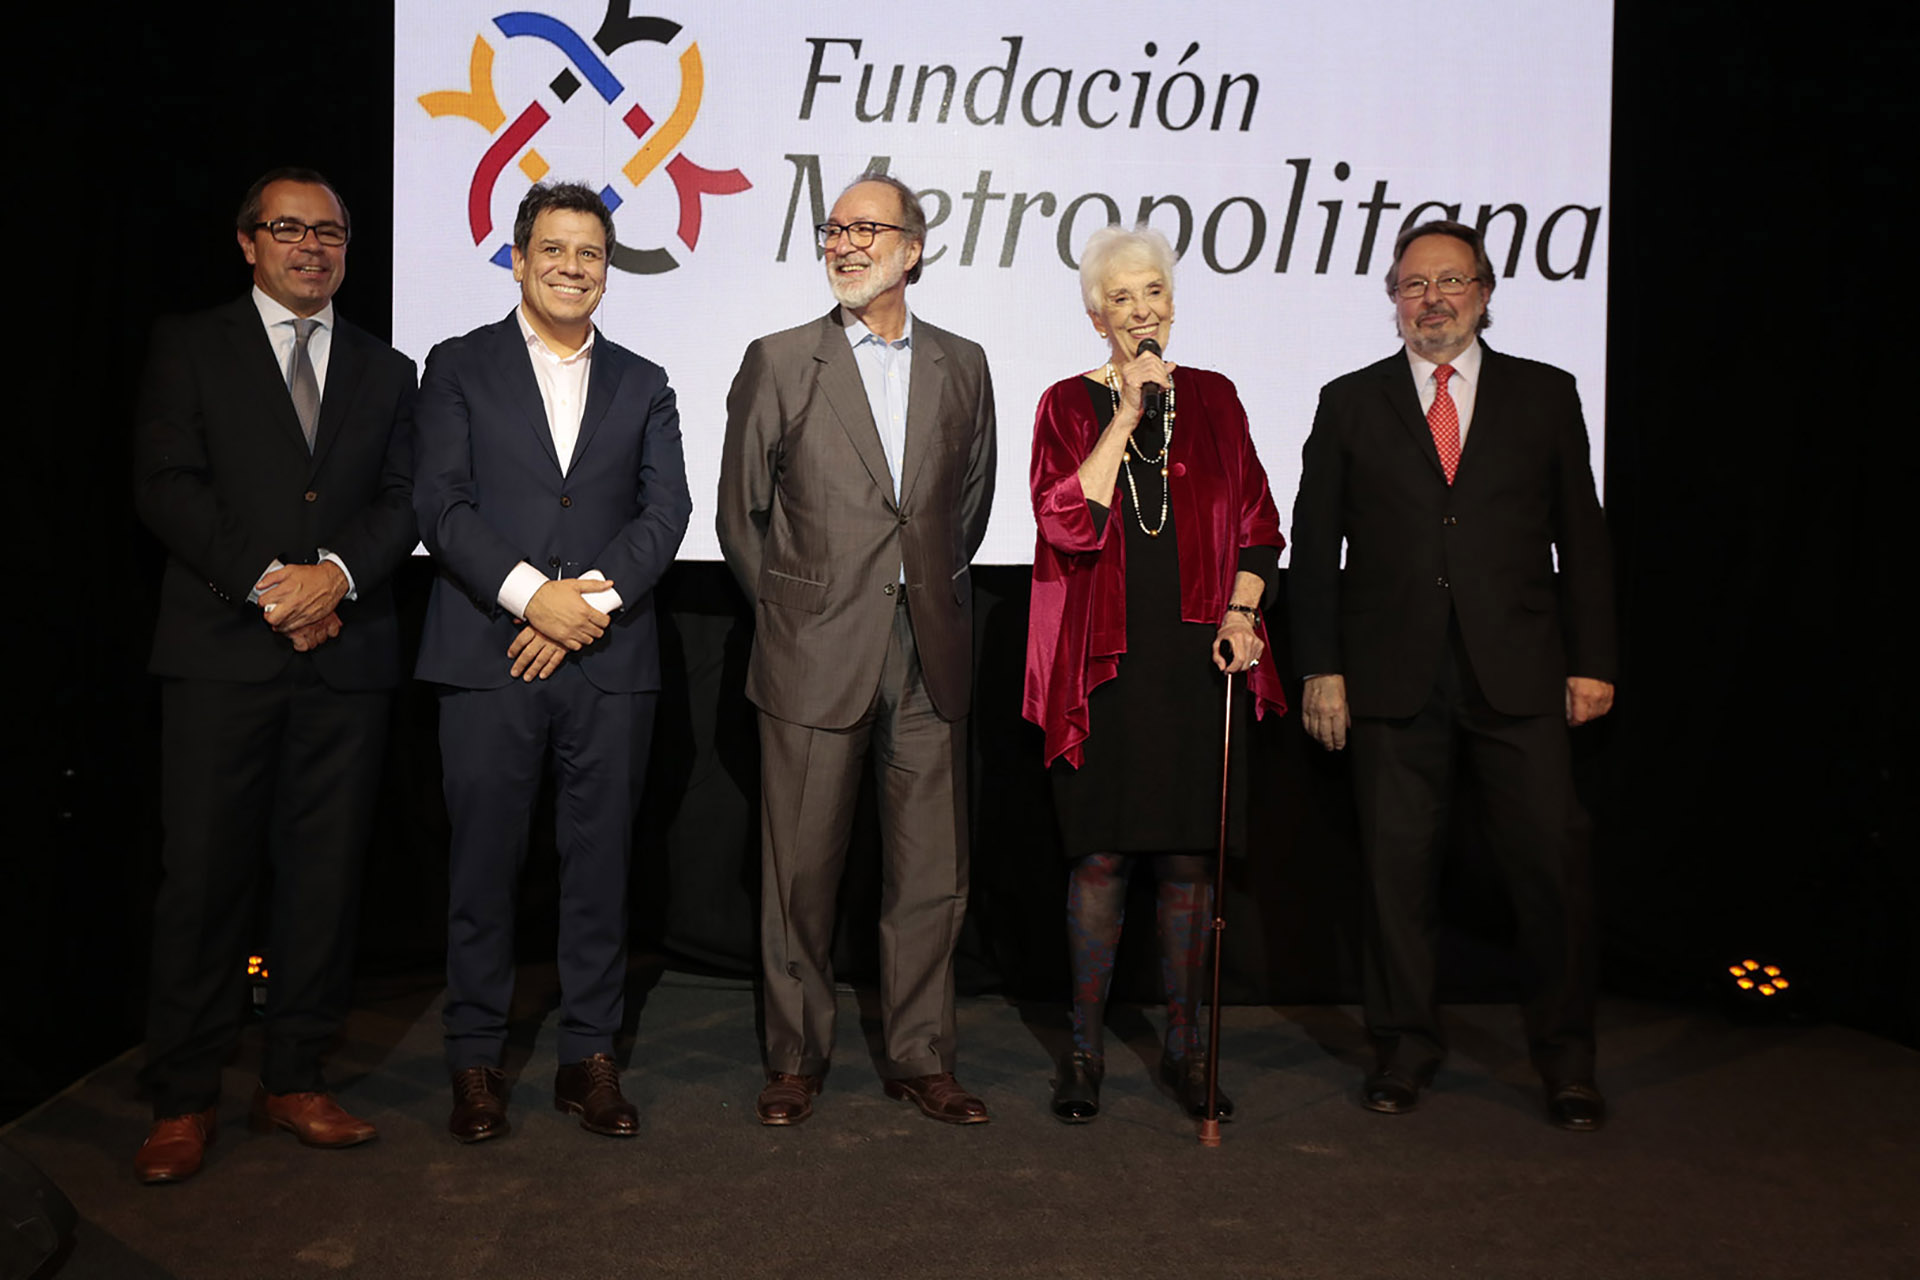 Gastón Urquiza, Facundo Manes, Daniel Chain, Graciela Fernández Meijide y Pedro Del Piero